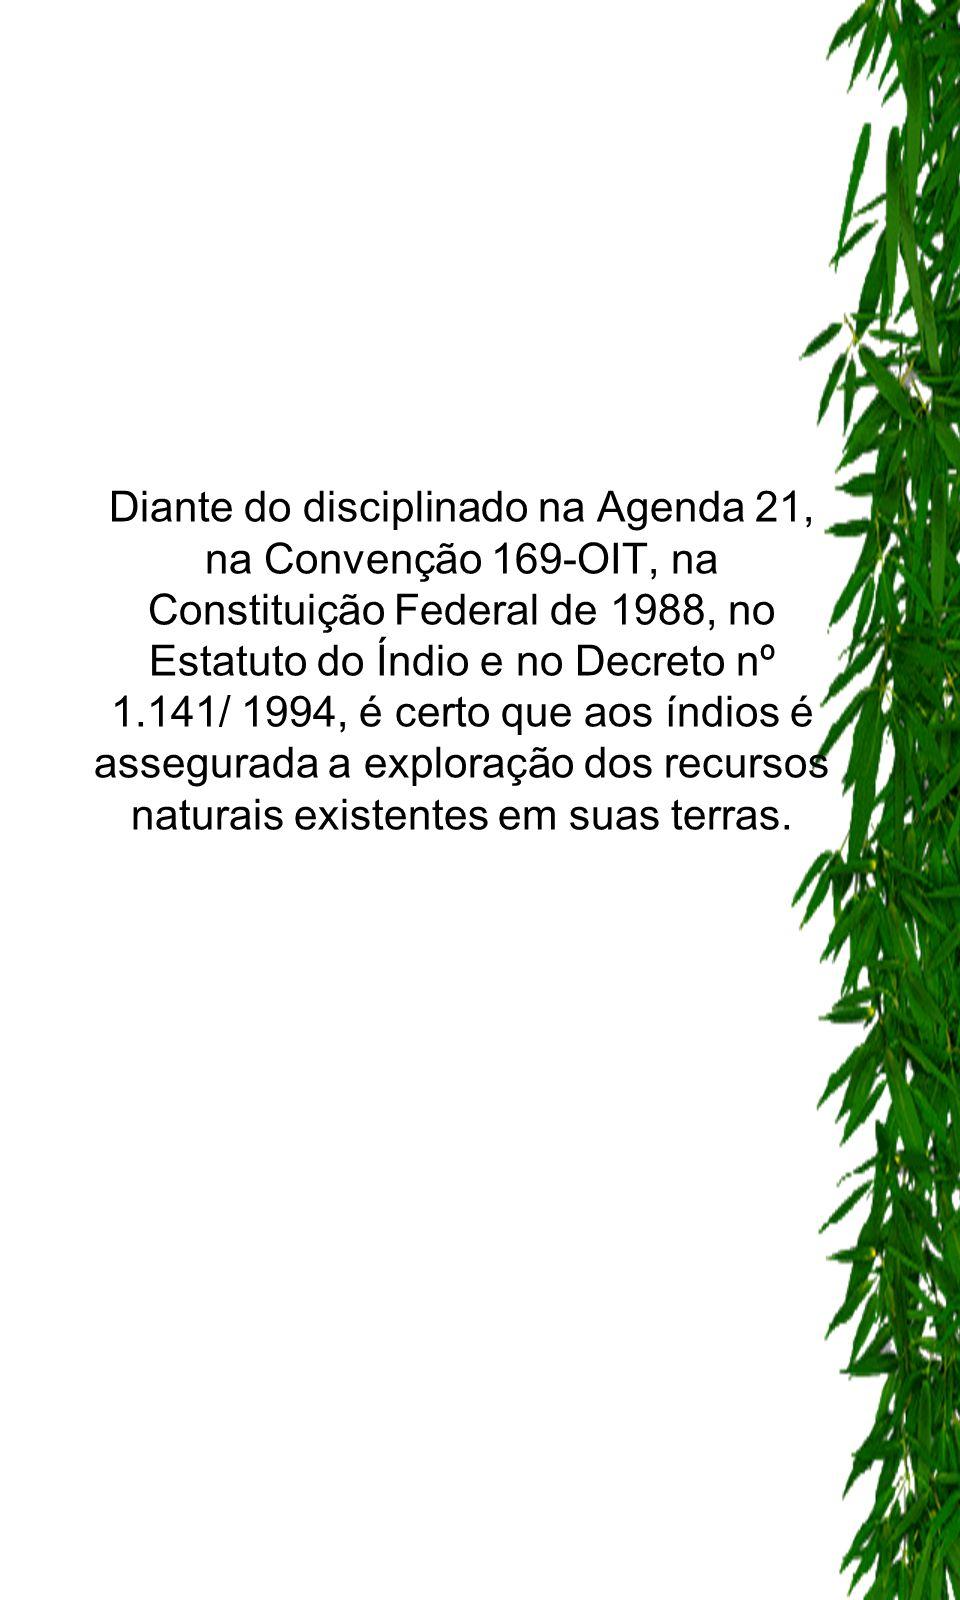 Diante do disciplinado na Agenda 21, na Convenção 169-OIT, na Constituição Federal de 1988, no Estatuto do Índio e no Decreto nº 1.141/ 1994, é certo